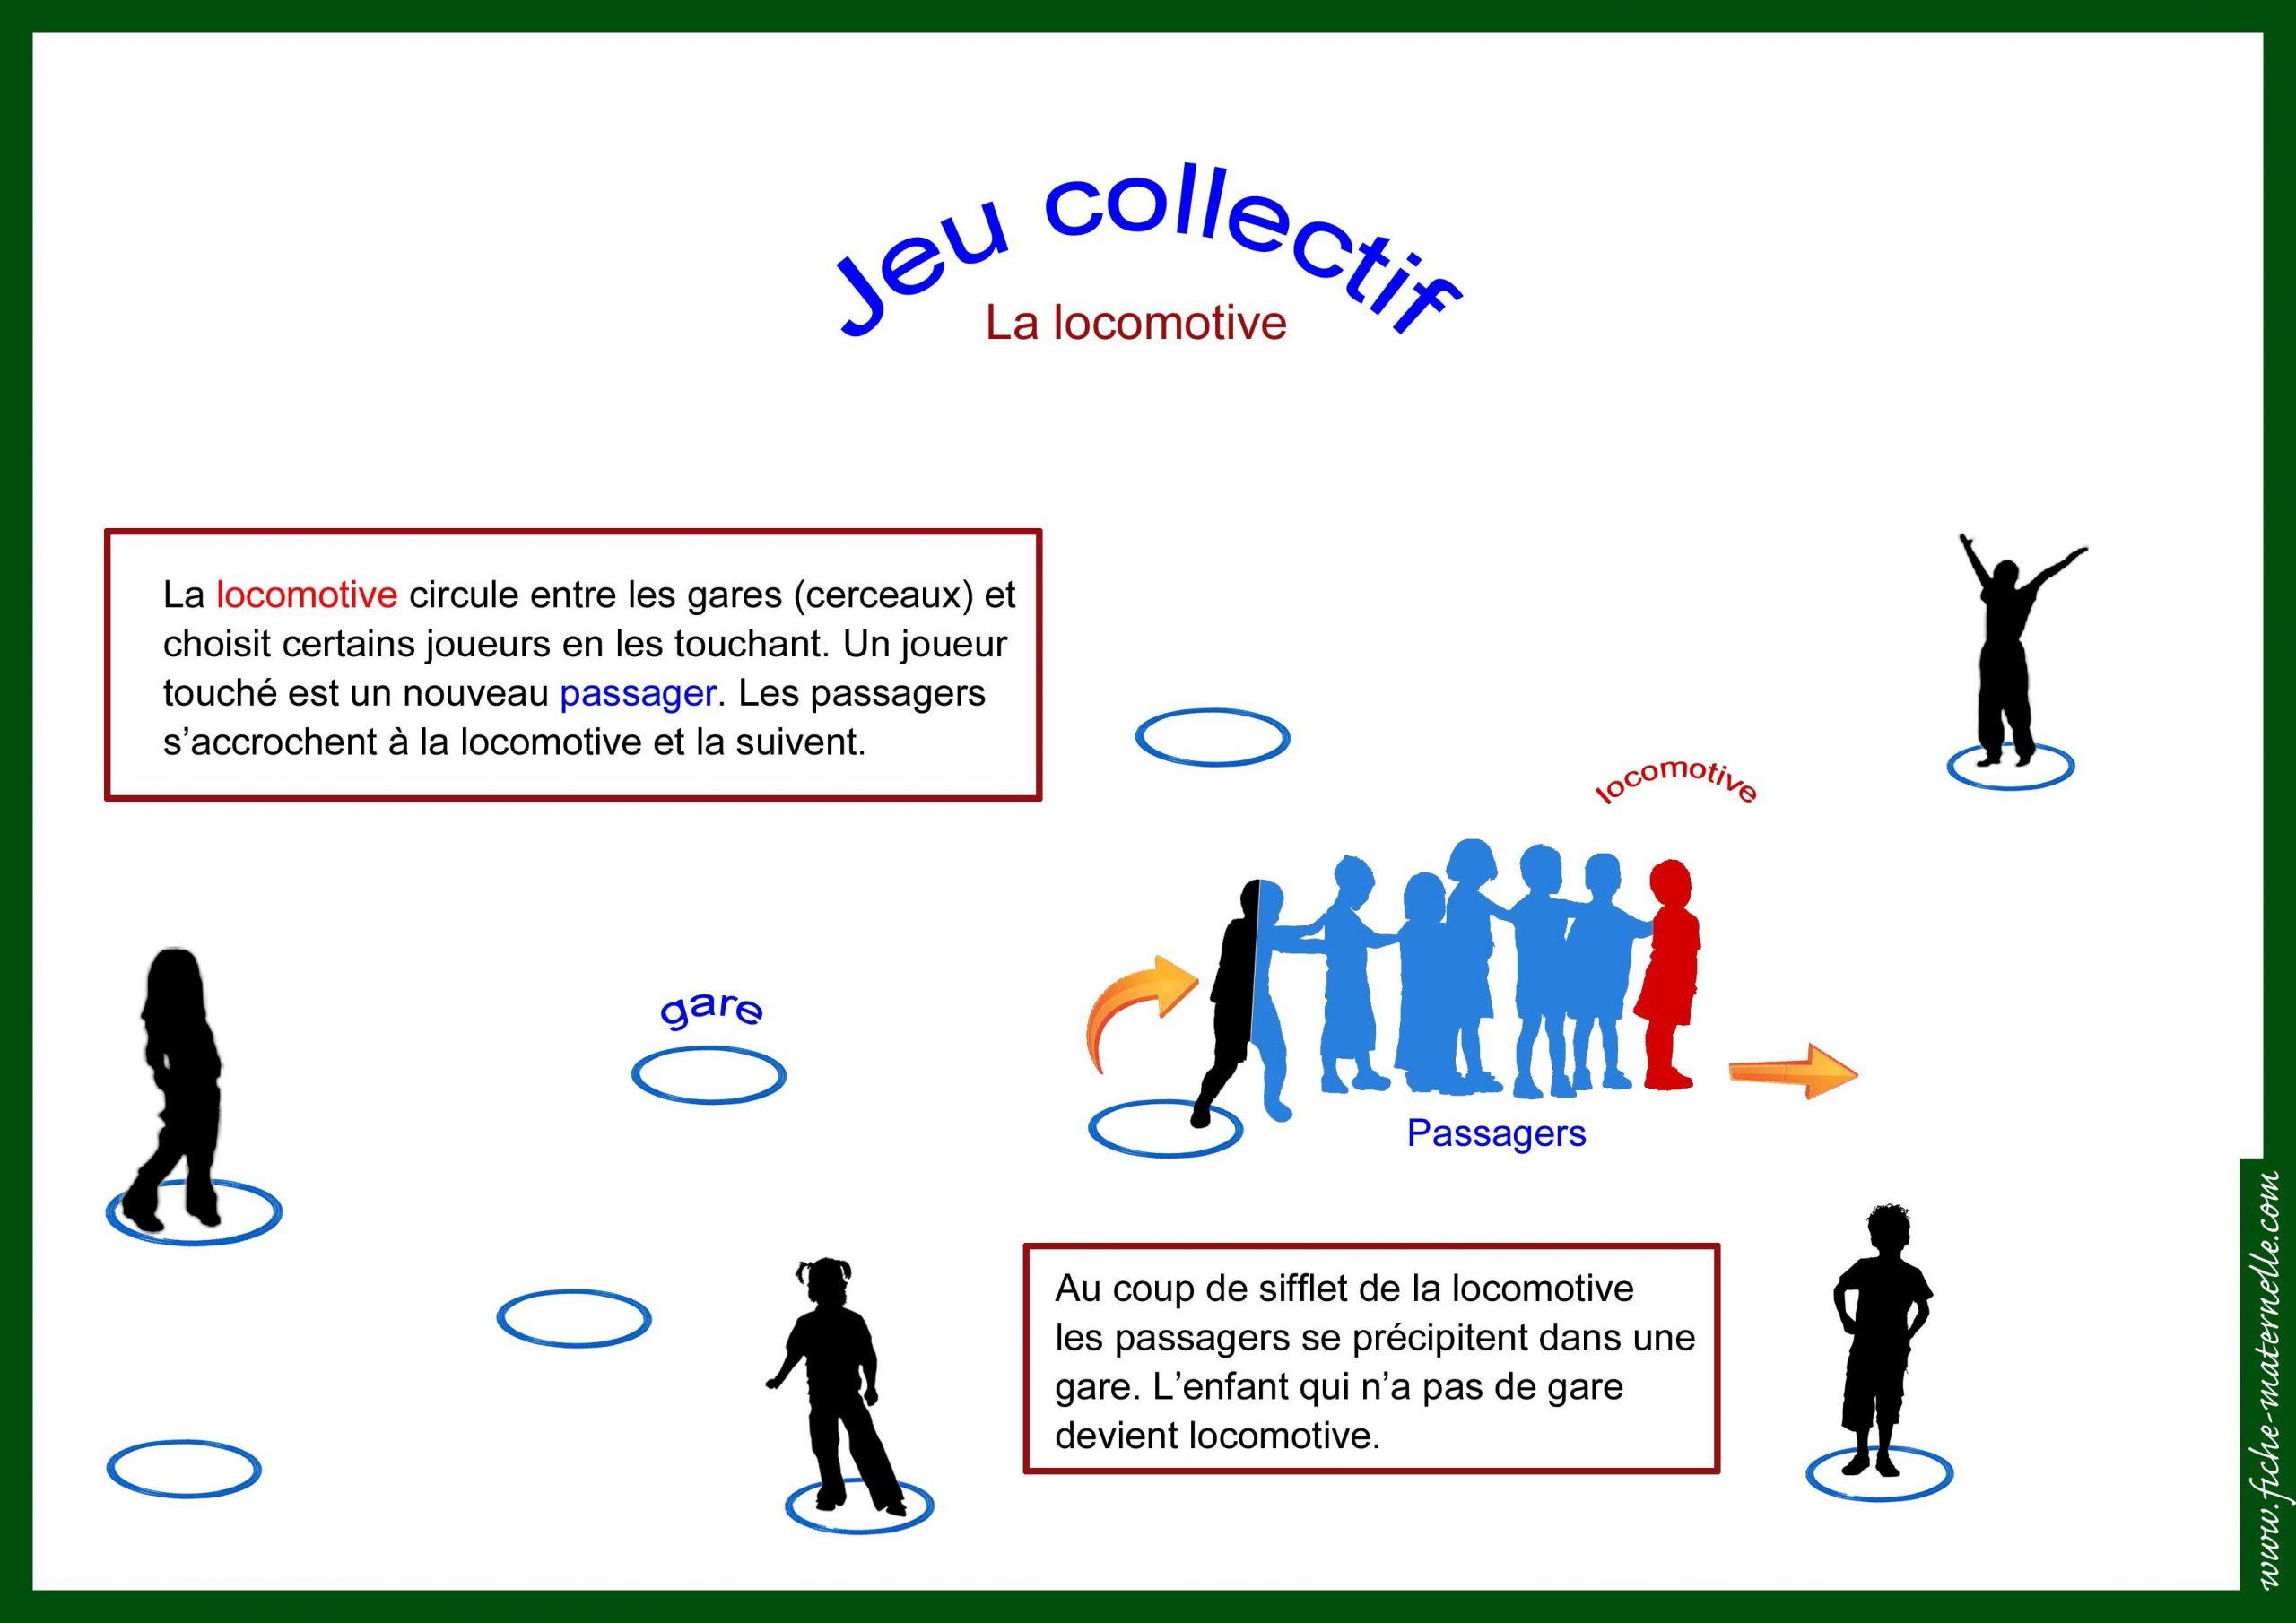 La Motricité En Maternelle … | Motricité, Jeux Collectifs tout Jeux Enfant Maternelle